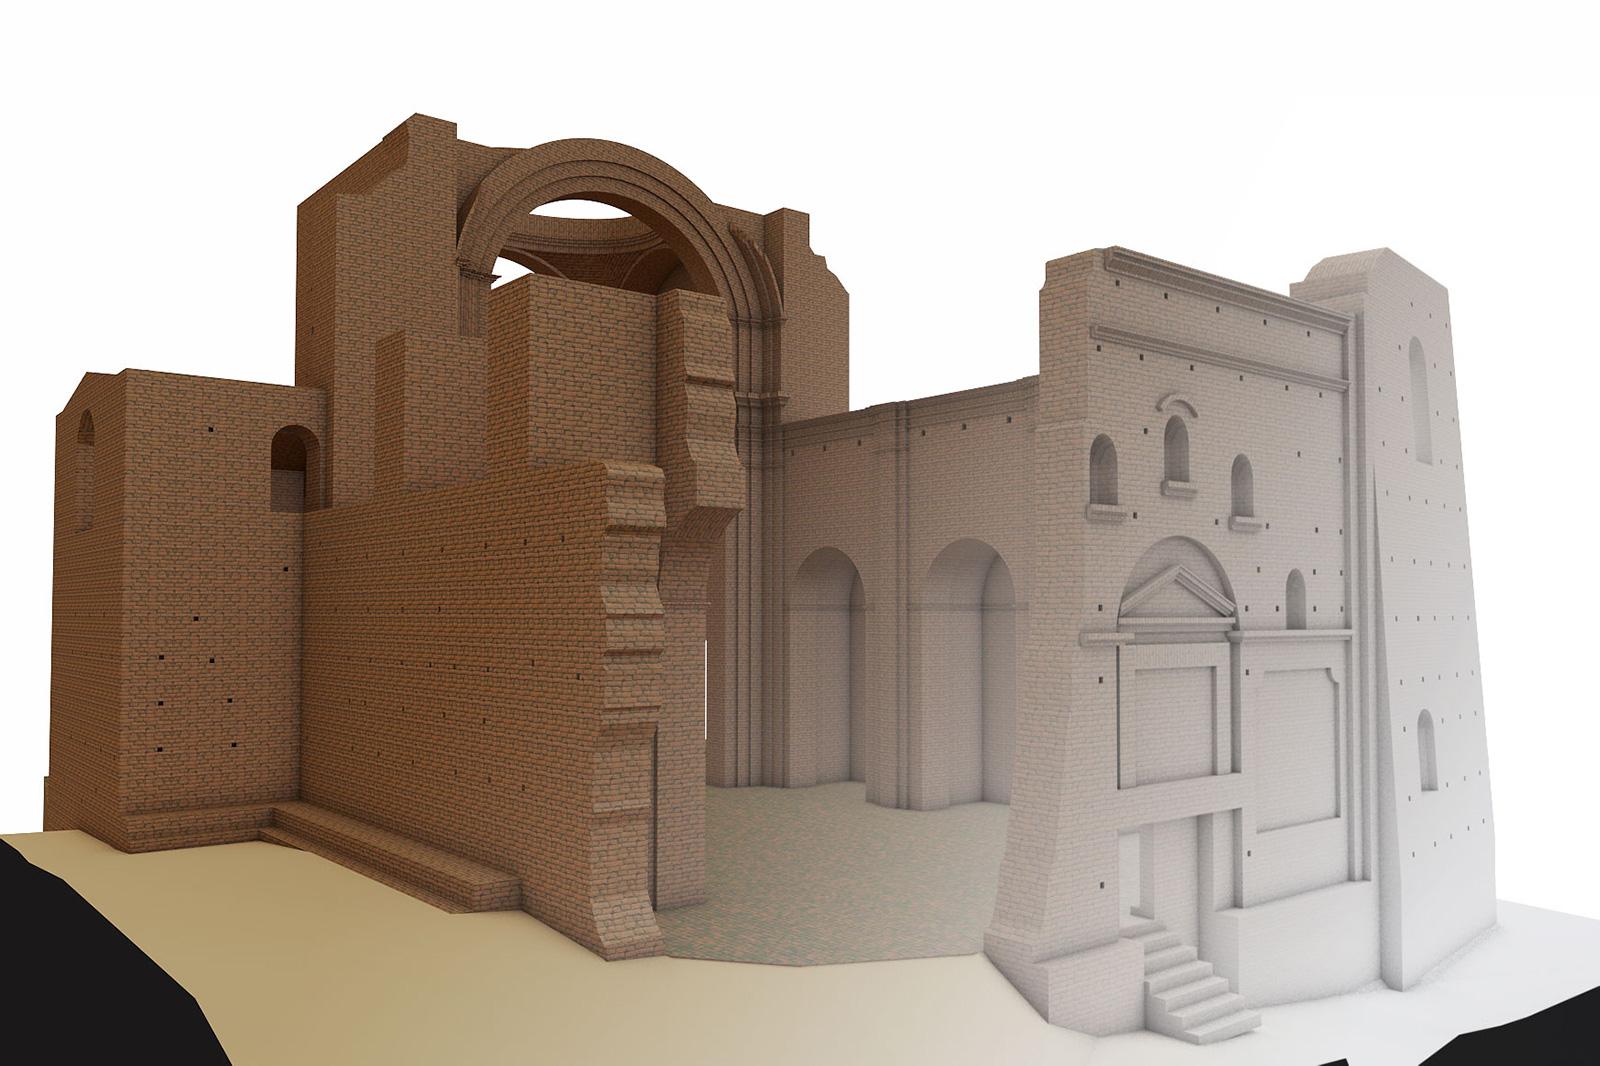 Chiesa-Diruta_modellazione-archicad24